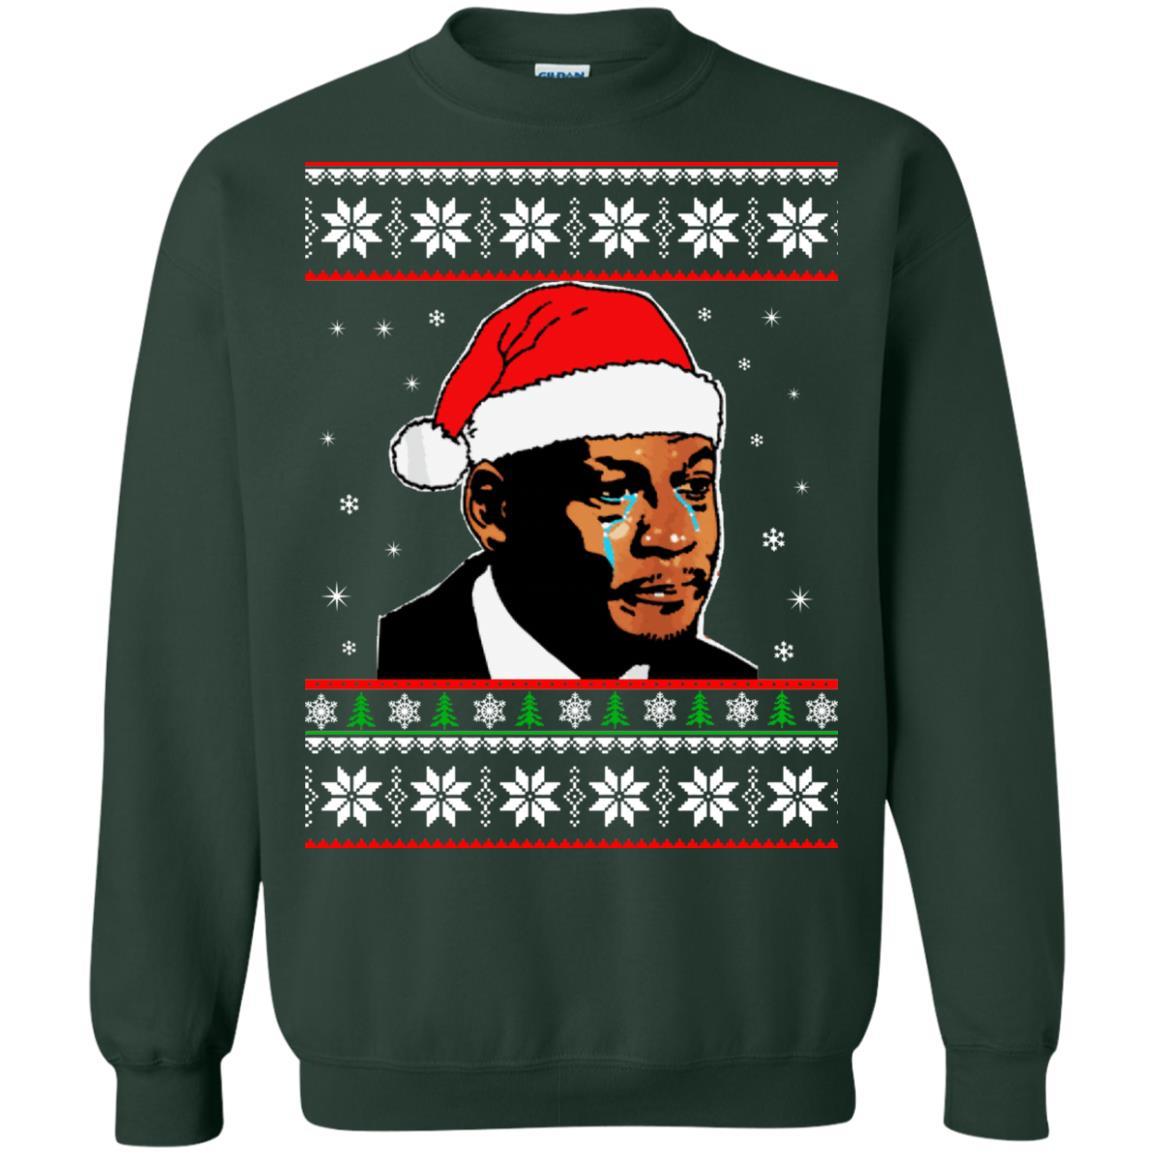 image 2671 - Crying Jordan Christmas Sweater, Christmas Jordan Ugly Sweatshirt